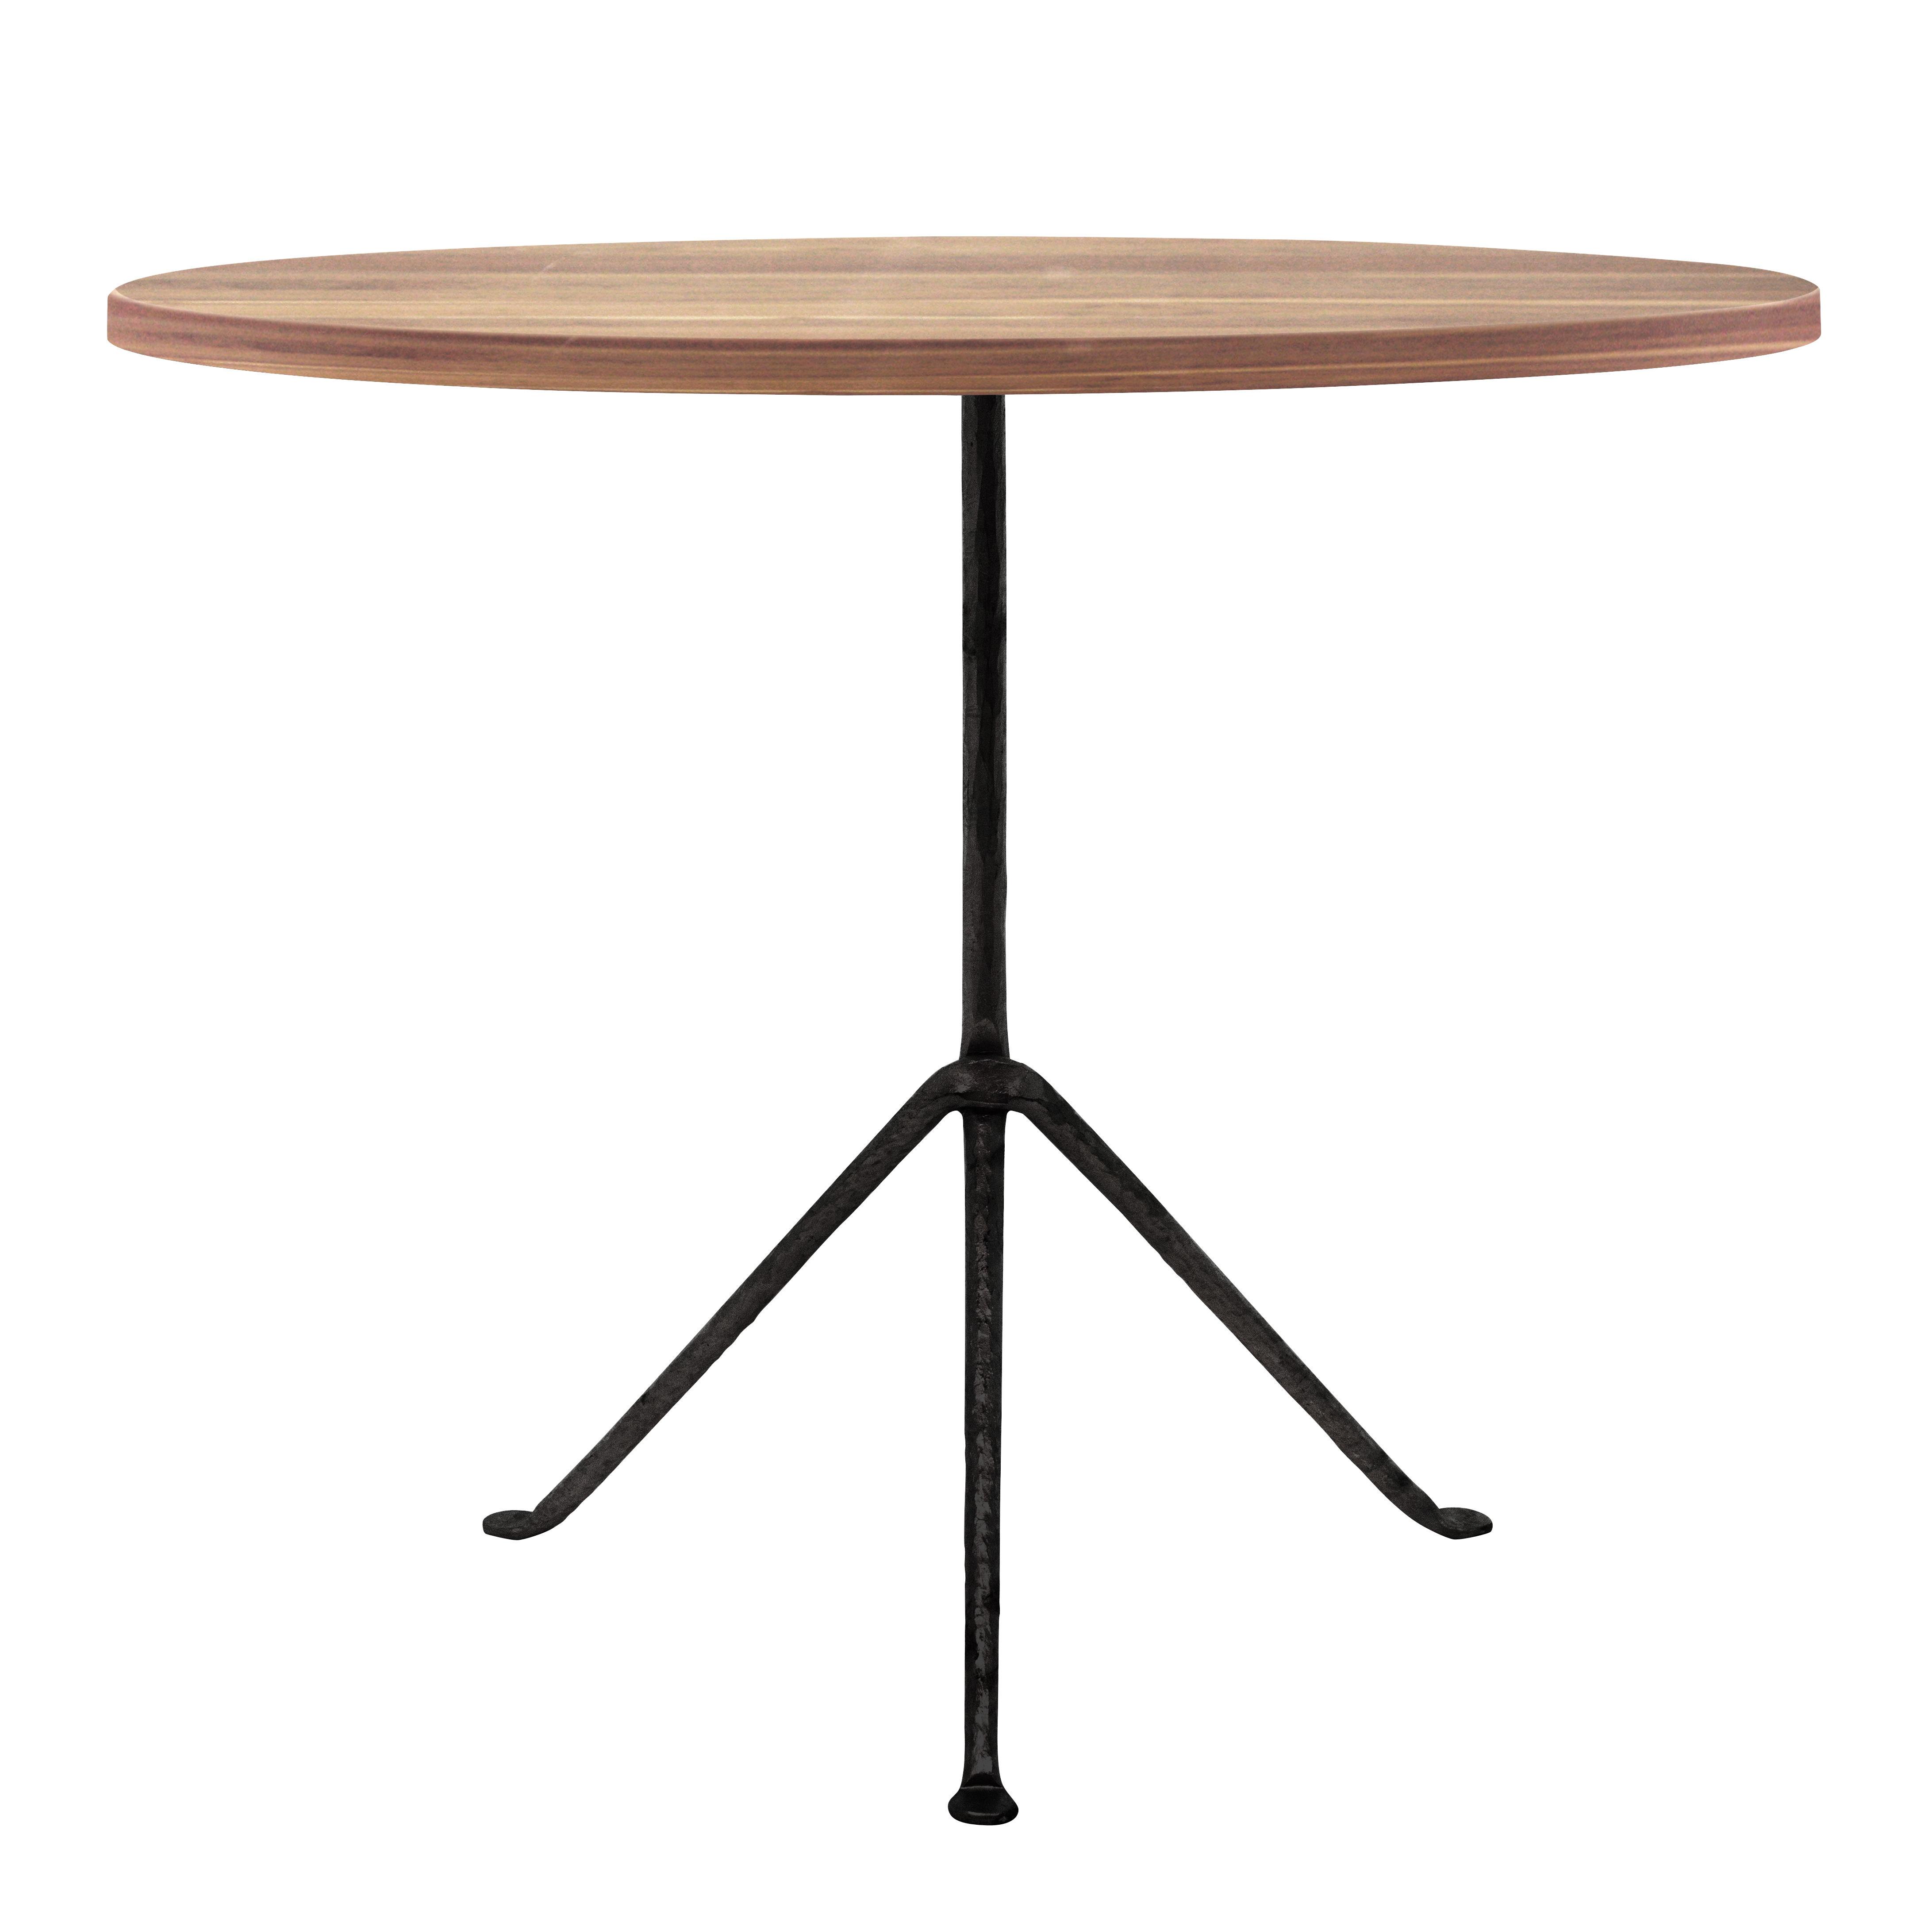 Balkontisch metall holz  Design Gartentische | Outdoor Tische online kaufen | Made In Design